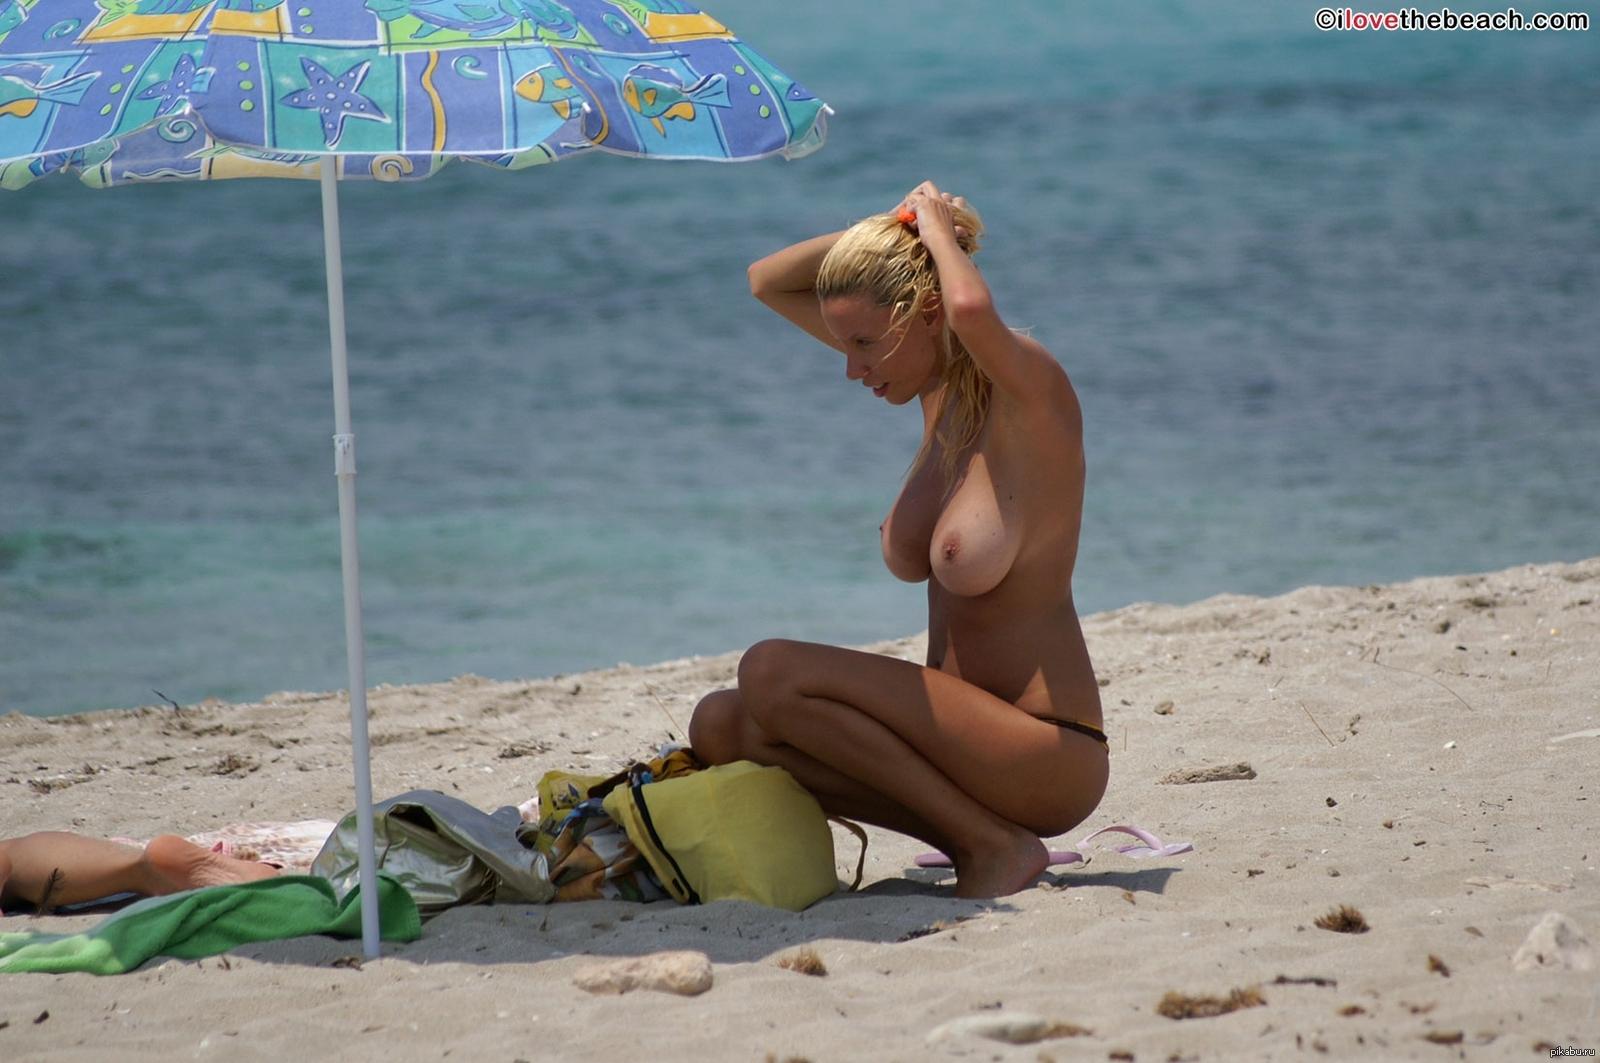 Фото больших грудей на пляже 6 фотография